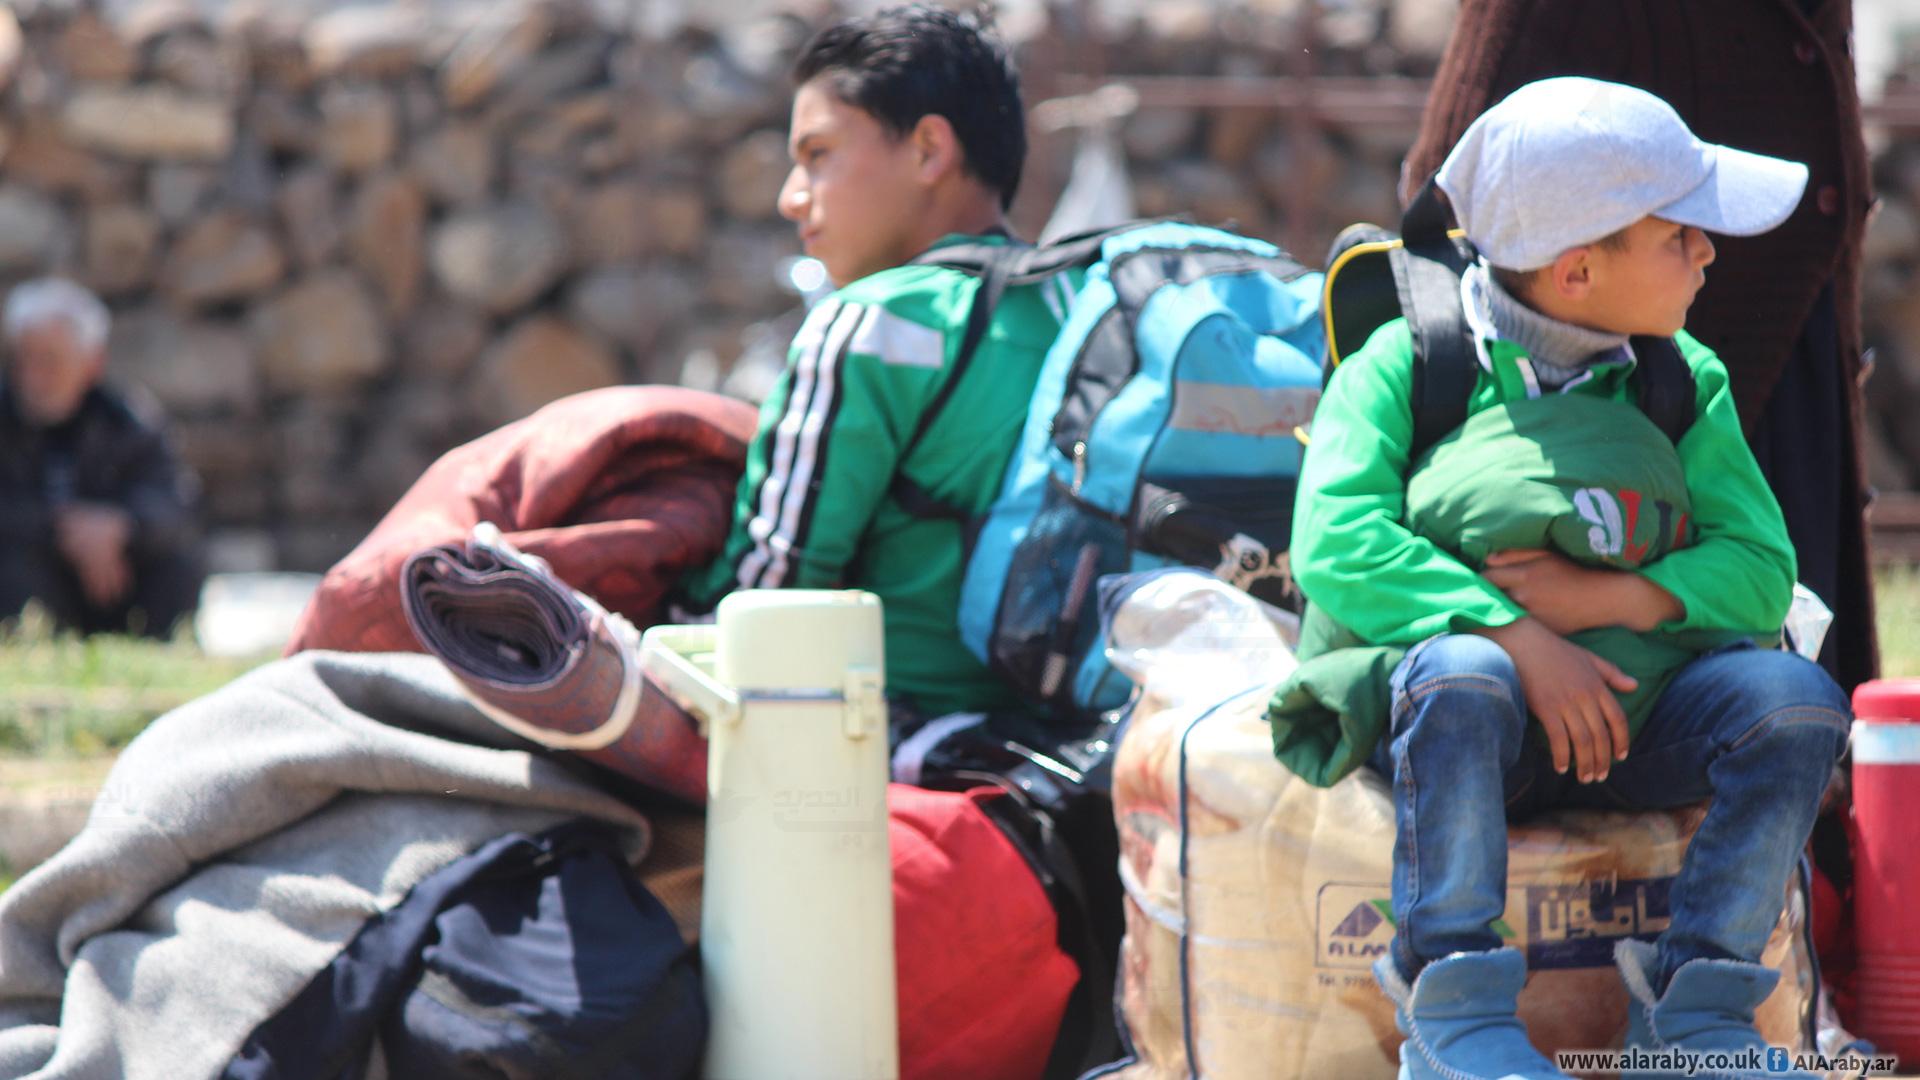 نشرة أخبار سوريا- الدفعة السابعة من مهجري الوعر تصل إلى مشارف إدلب، ومجلس محافظة حماة الحرة يعلن ريف حماة الشمالي منكوباً بالكامل -(30-4-2017)